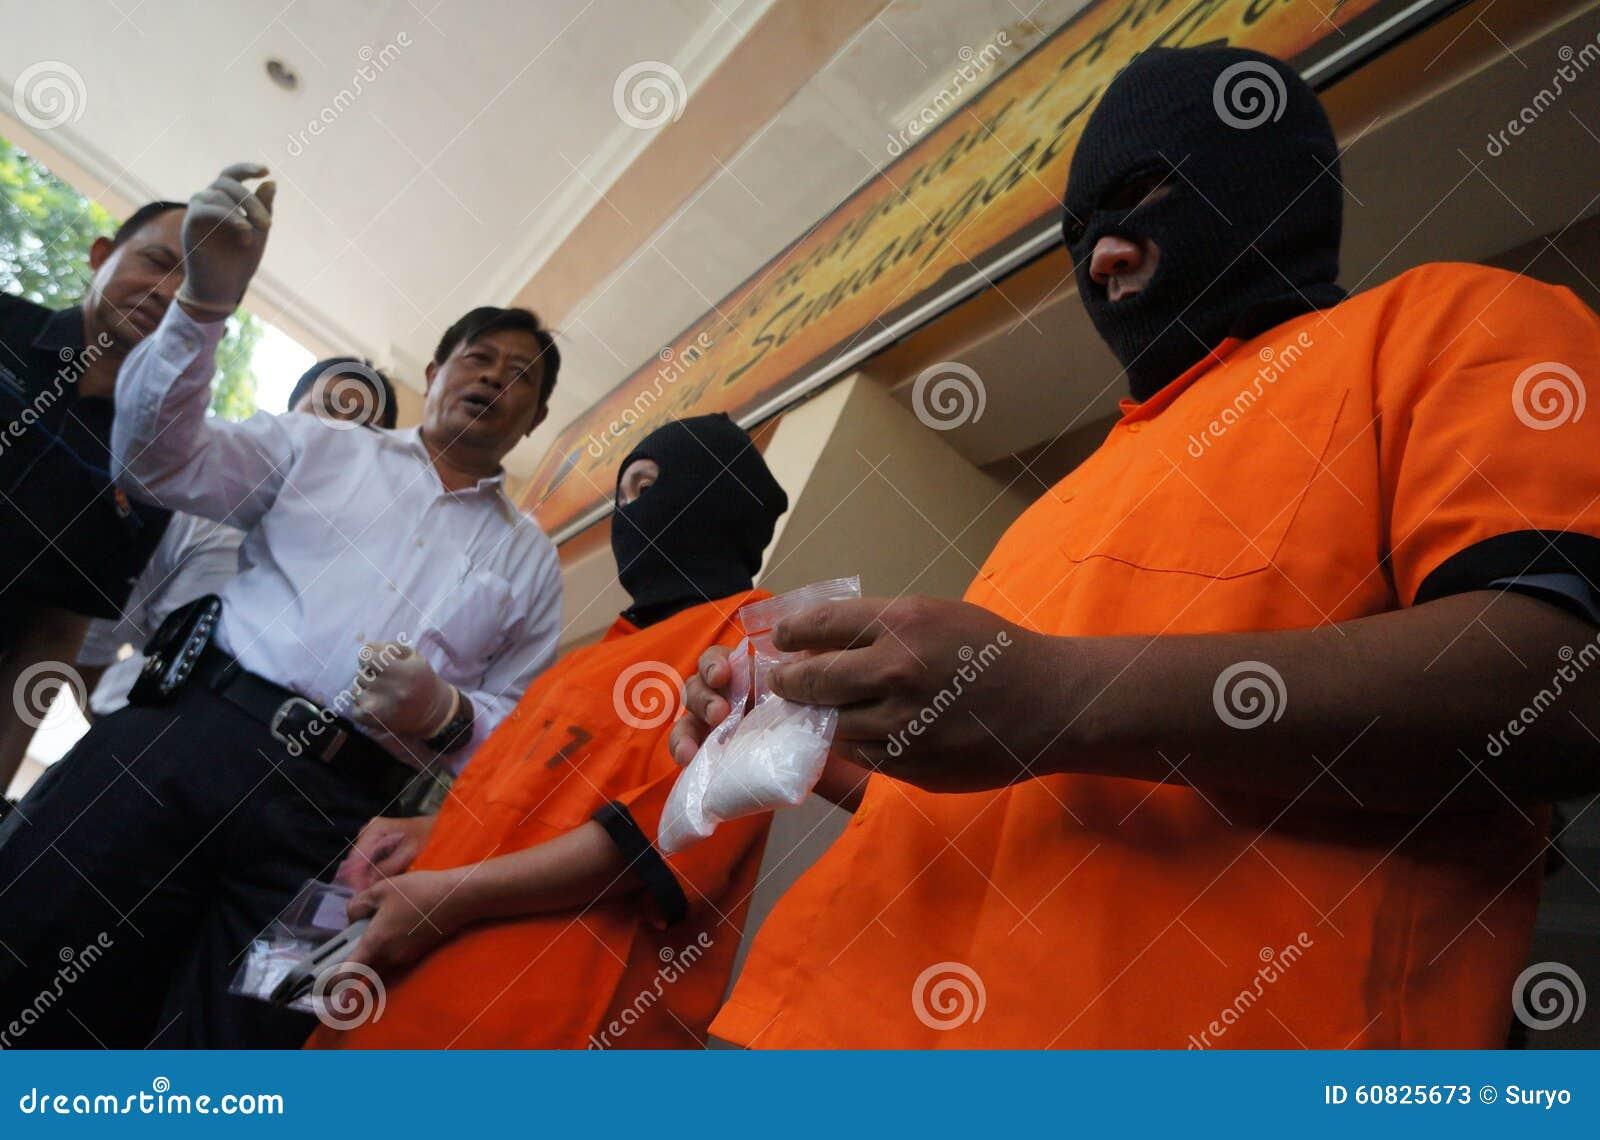 Traficante arrestado policía